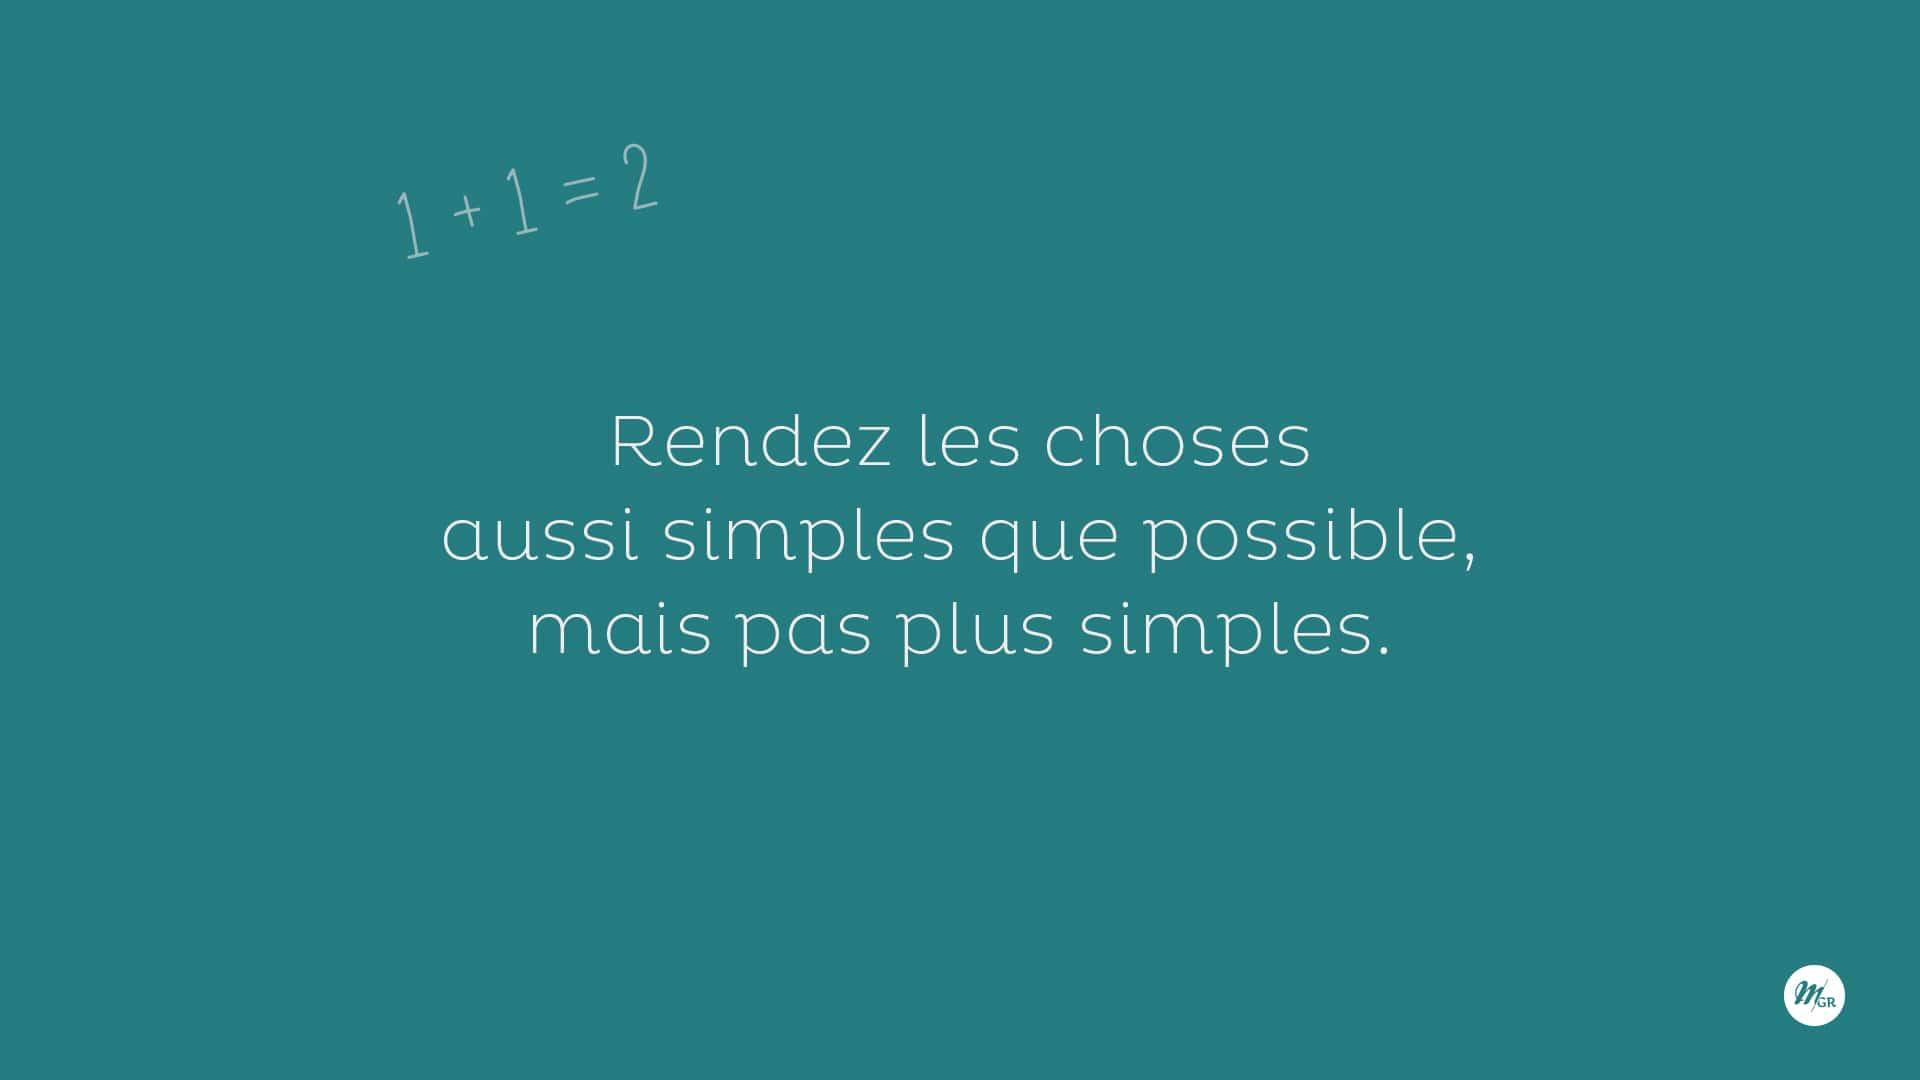 Rendez les choses aussi simples que possible, mais pas plus simples...